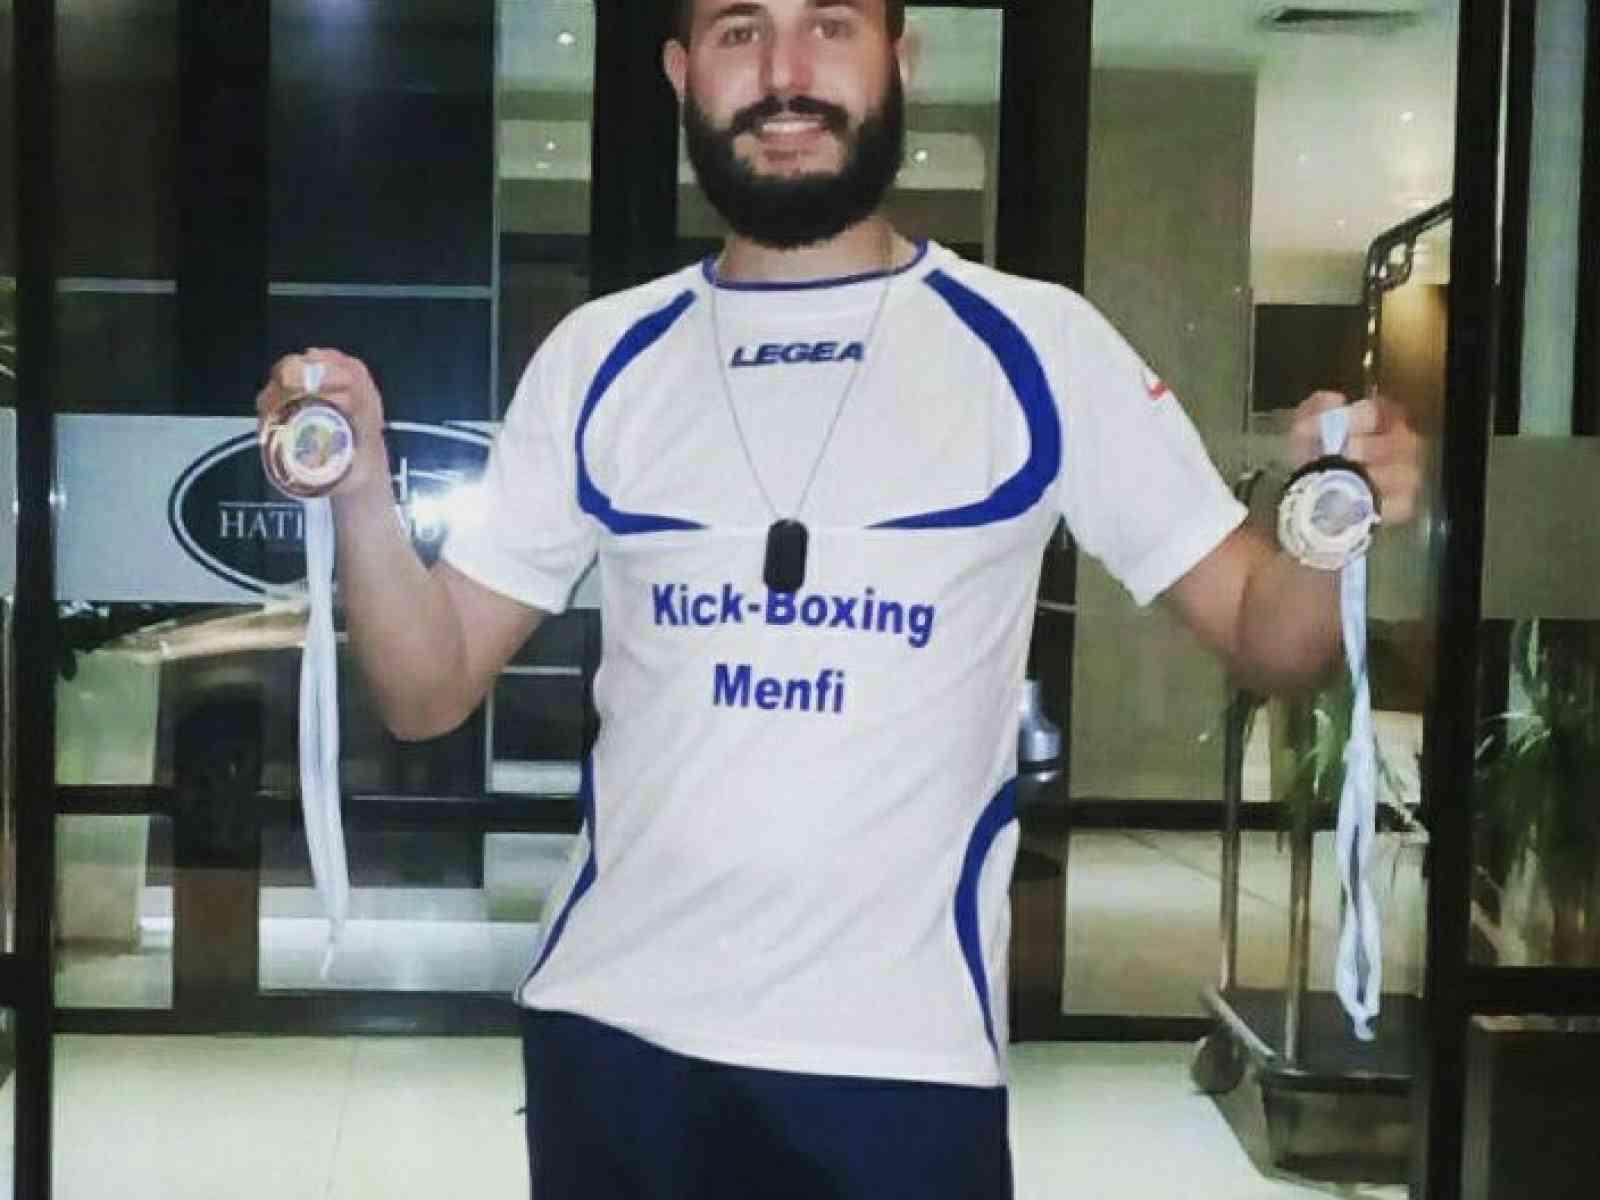 Menfi. Kick Boxing. Tarantino vince un bronzo e un argento ai mondiali in Argentina